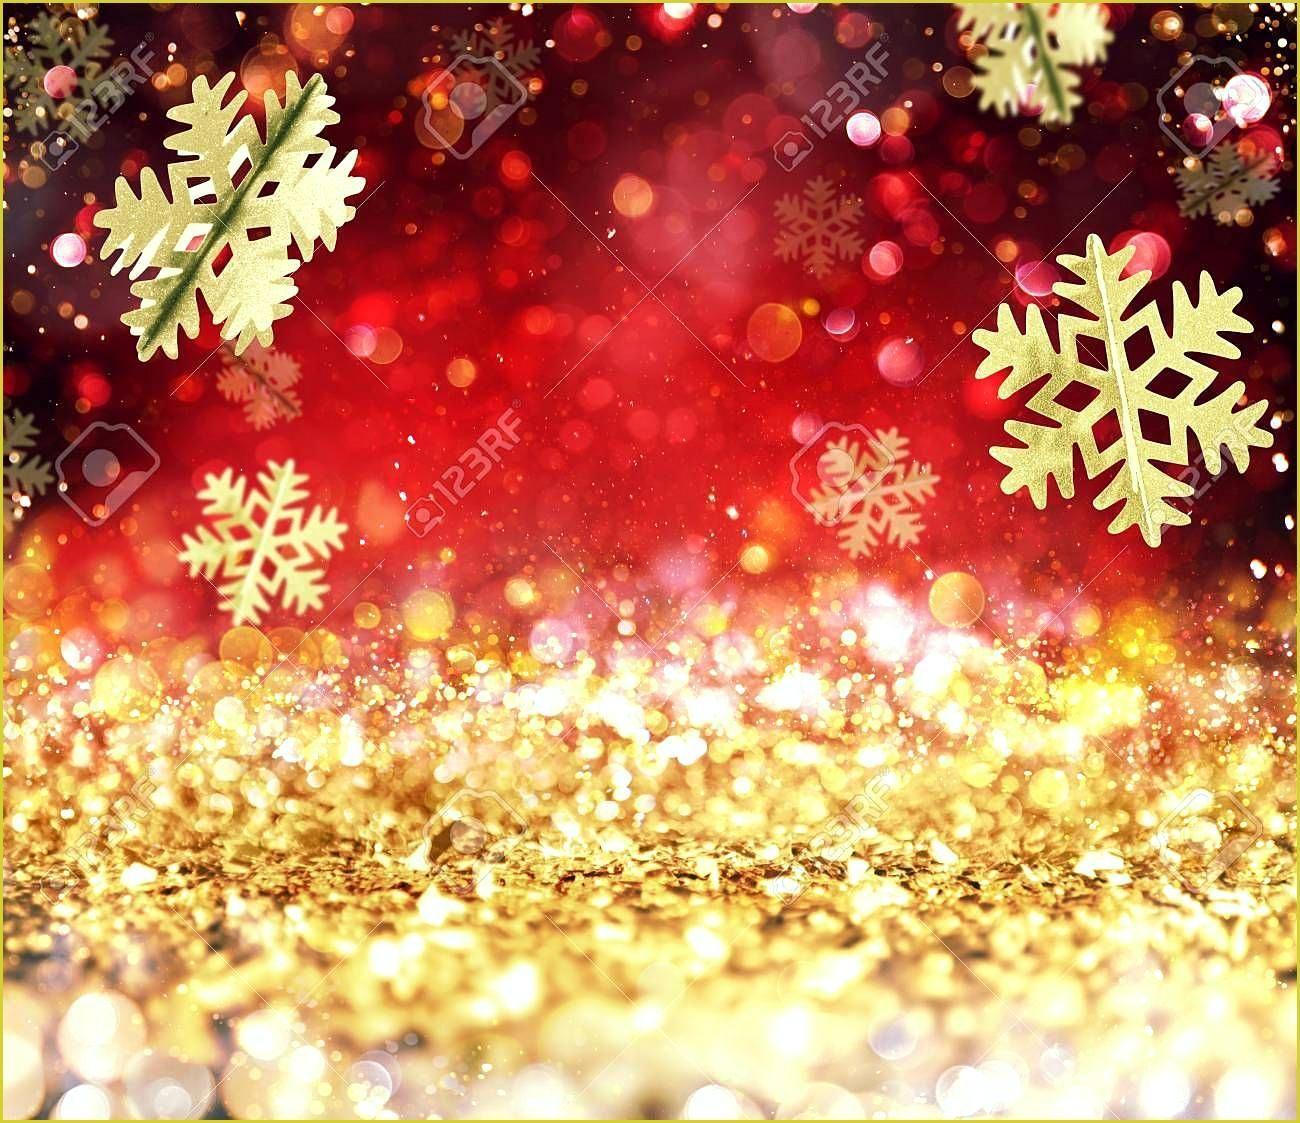 Abstrakt Leuchtende Weihnachten Gold Und Rotem Hintergrund Mit Schneeflocken A Weihnachtszeichnungen Christmas Wallpaper Gold Christmas Red Background